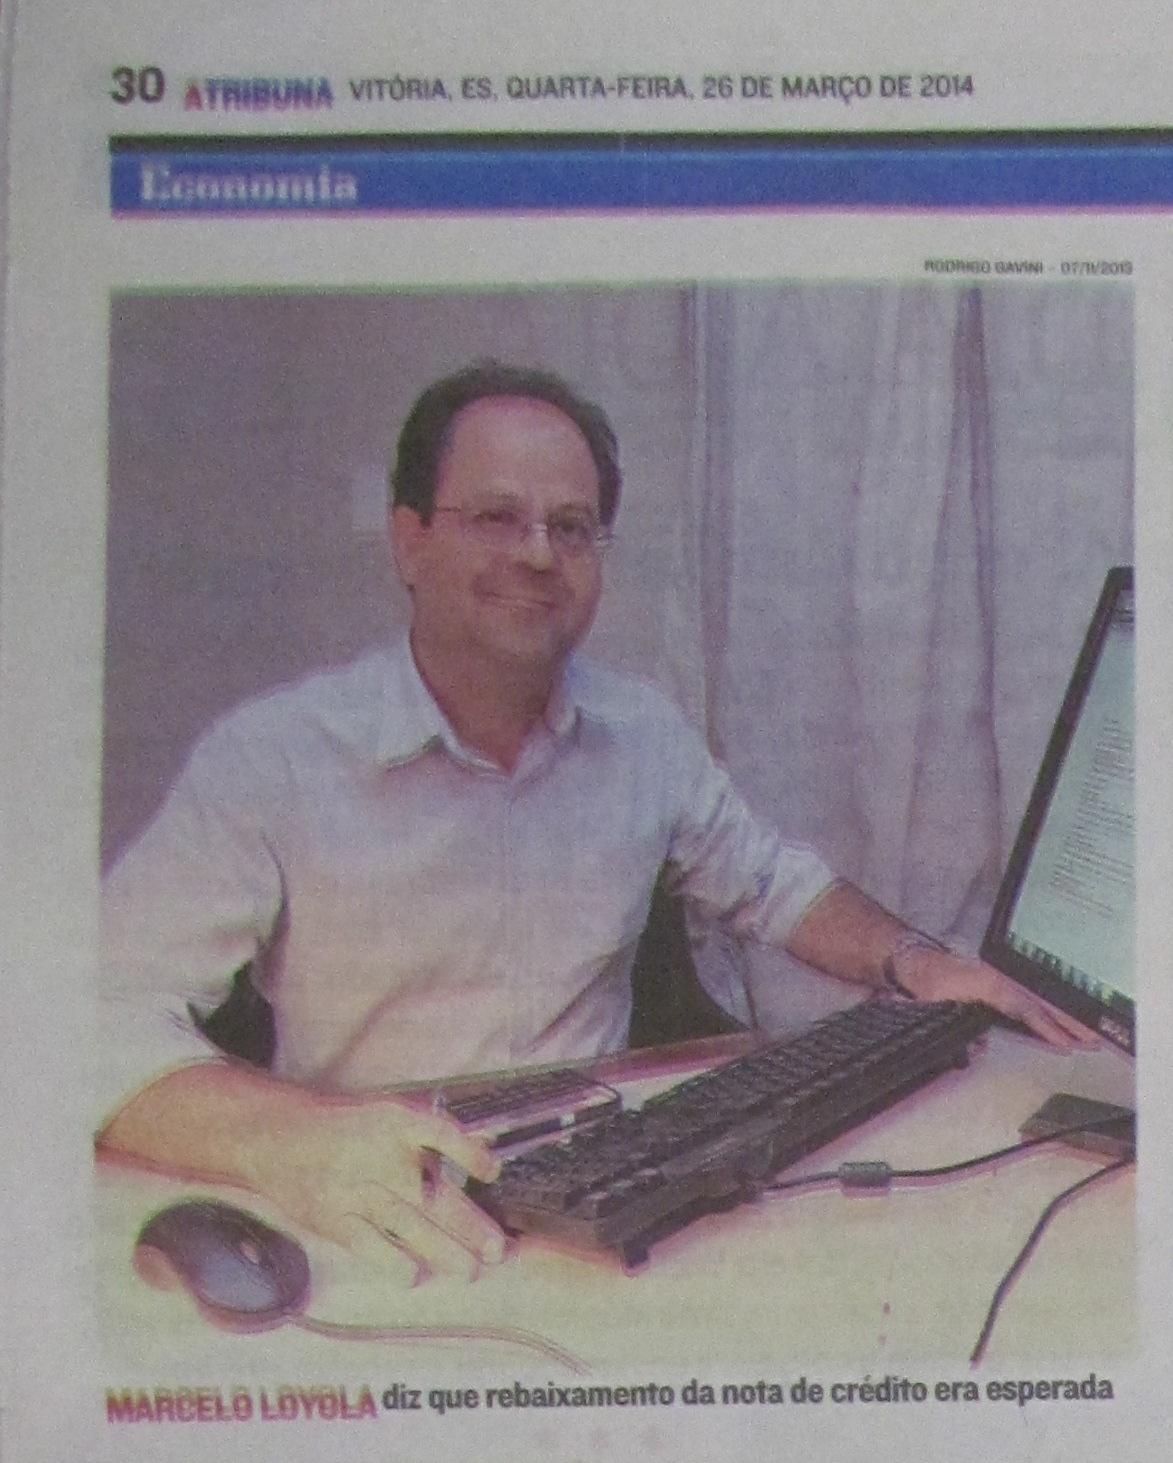 Professores da PIO XII no jornal A Tribuna